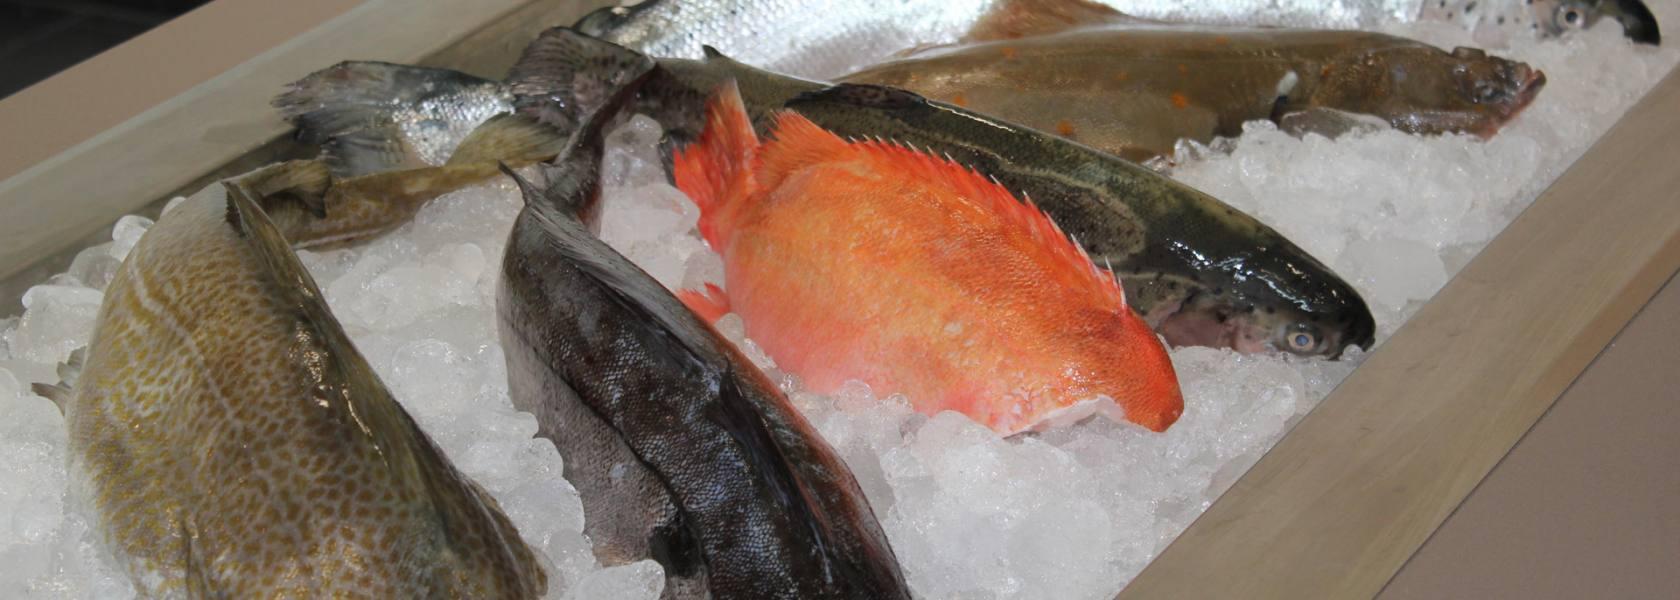 Frischer Fisch, © Die Nordsee GmbH, Katja Benke